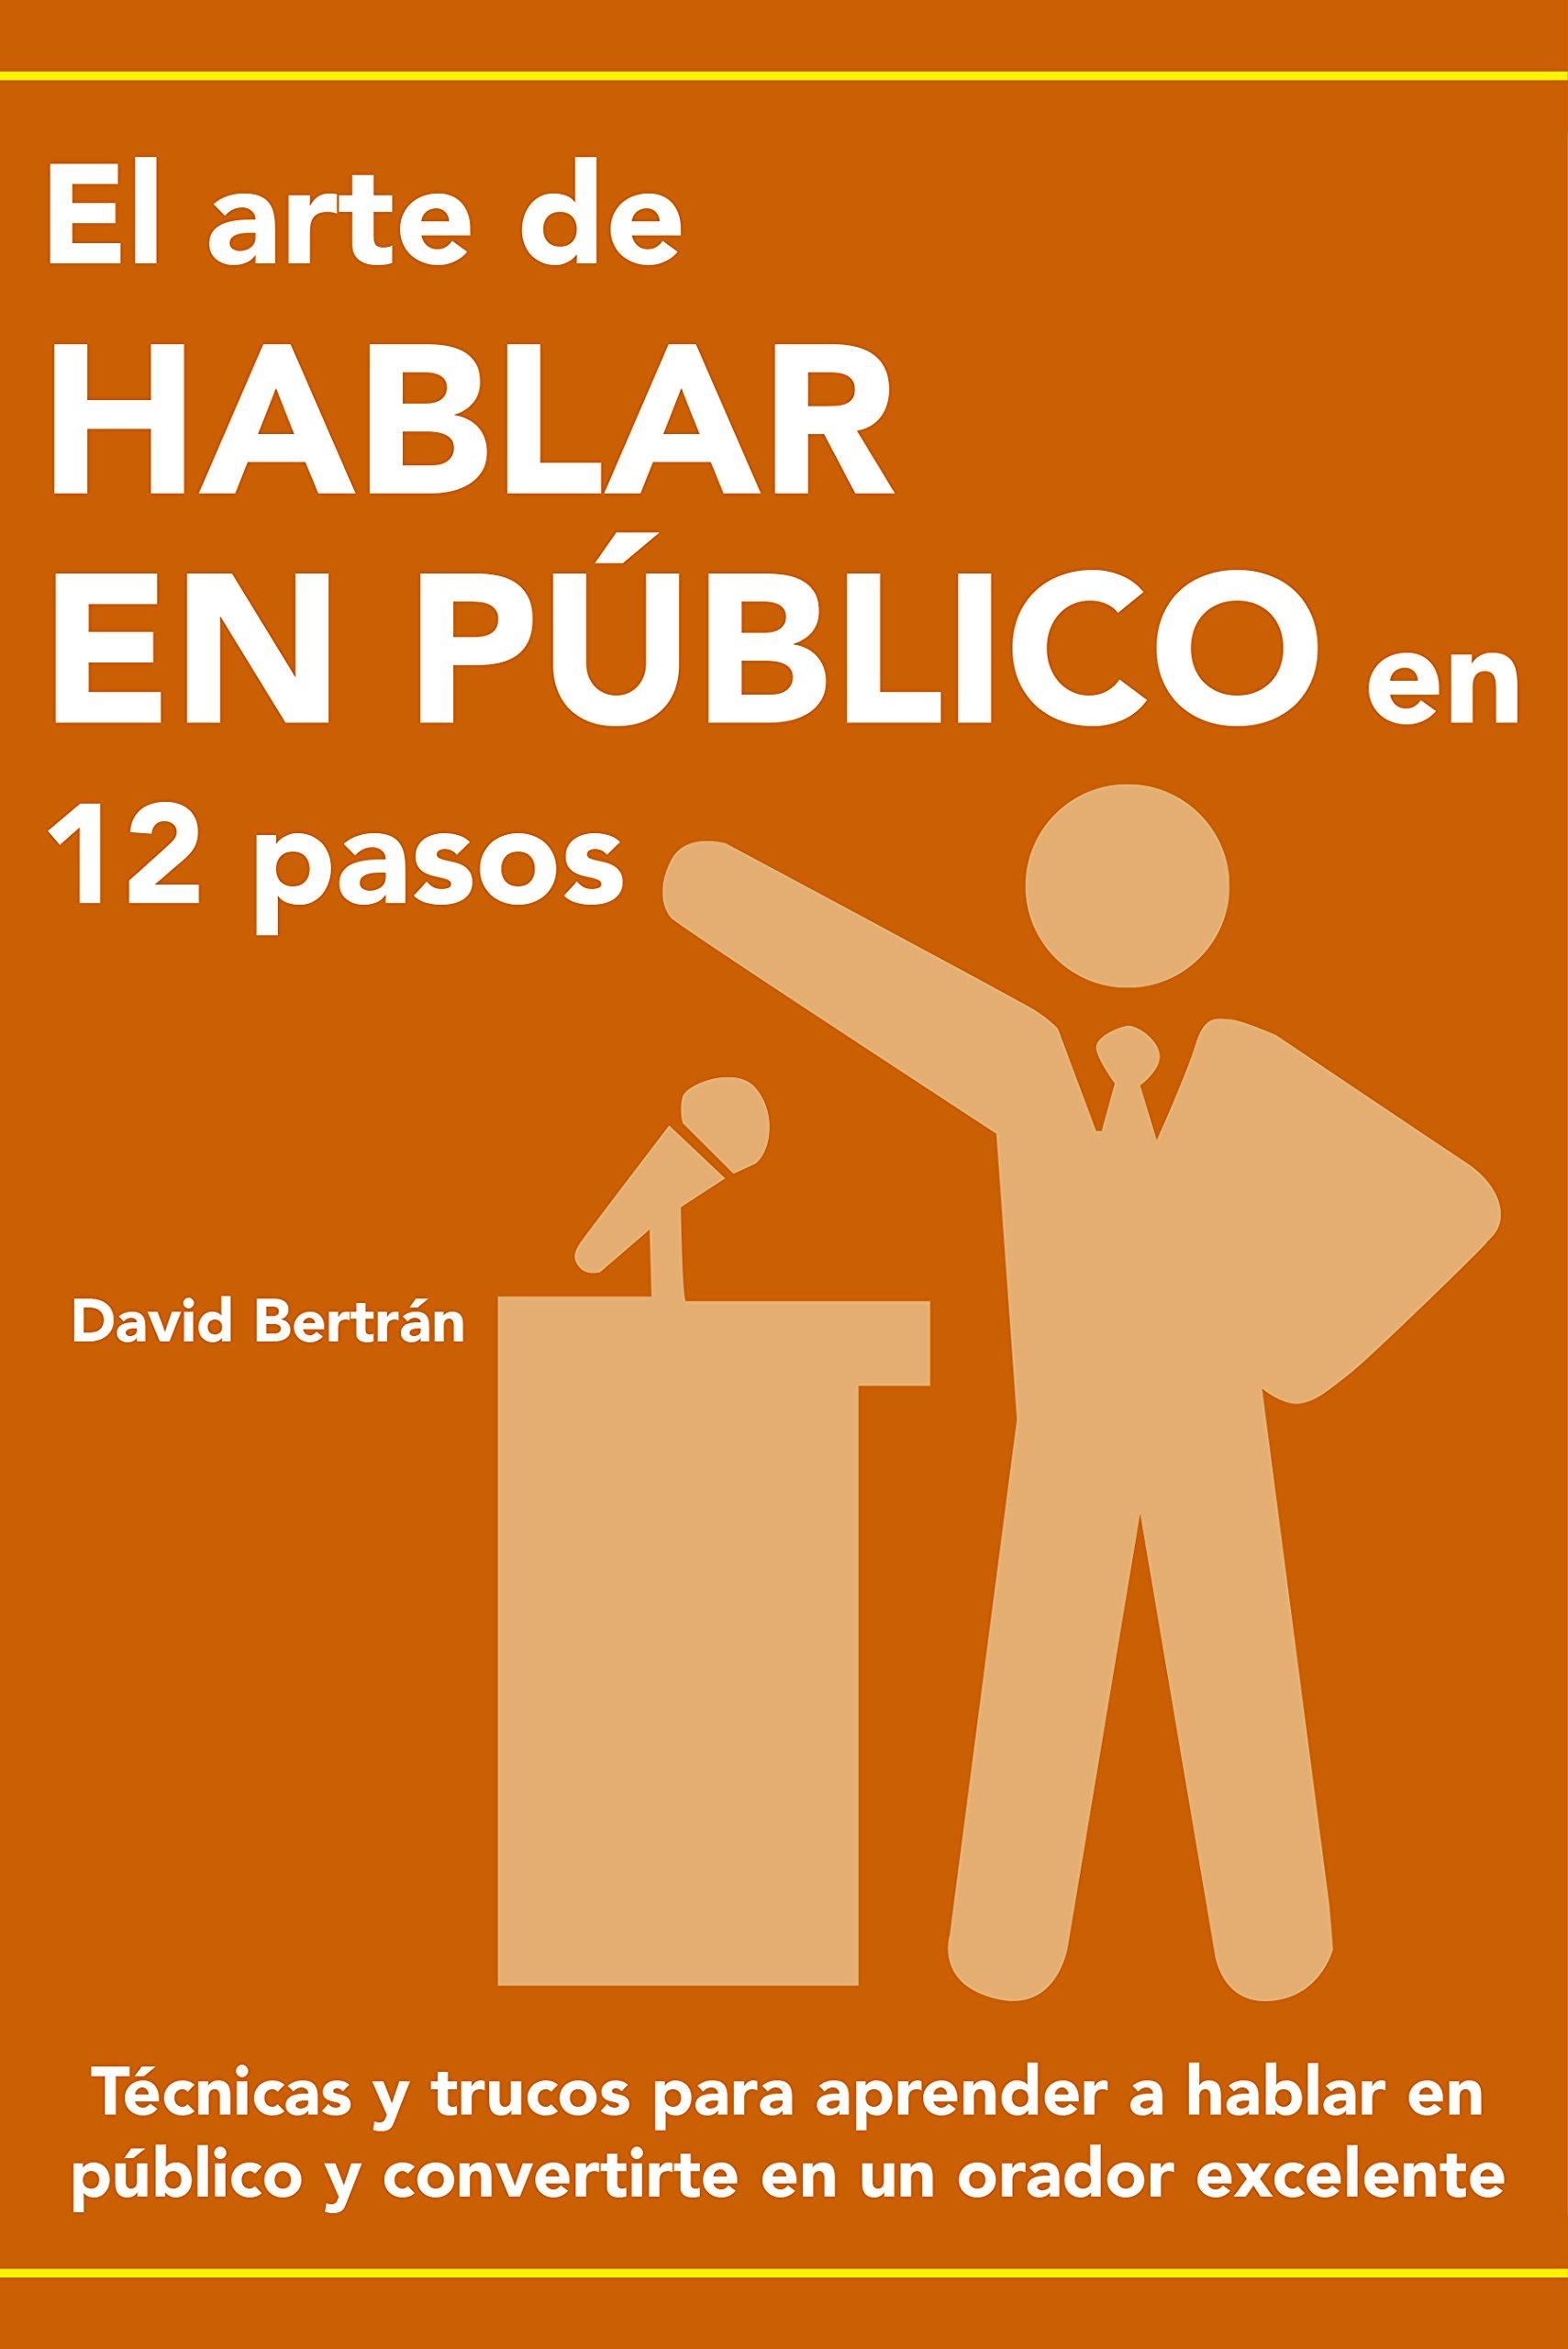 EL ARTE DE HABLAR EN PÚBLICO EN 12 PASOS: Técnicas y trucos para aprender a hablar en público y convertirte en un orador excelente. (Spanish Edition)